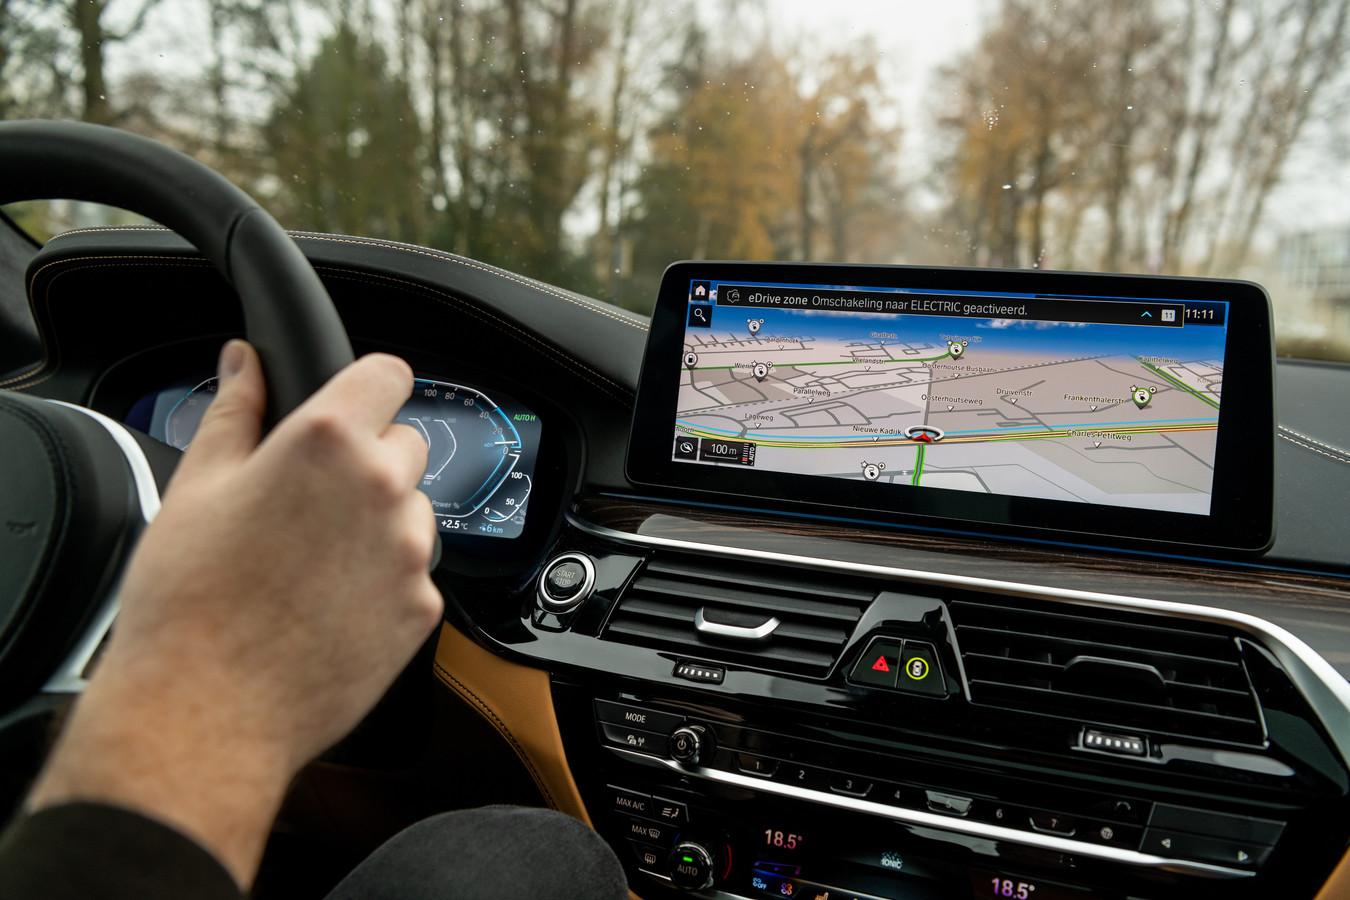 De bestuurder wordt in de auto geïnformeerd op het moment dat hij de eDrive Zone in- of uitrijdt